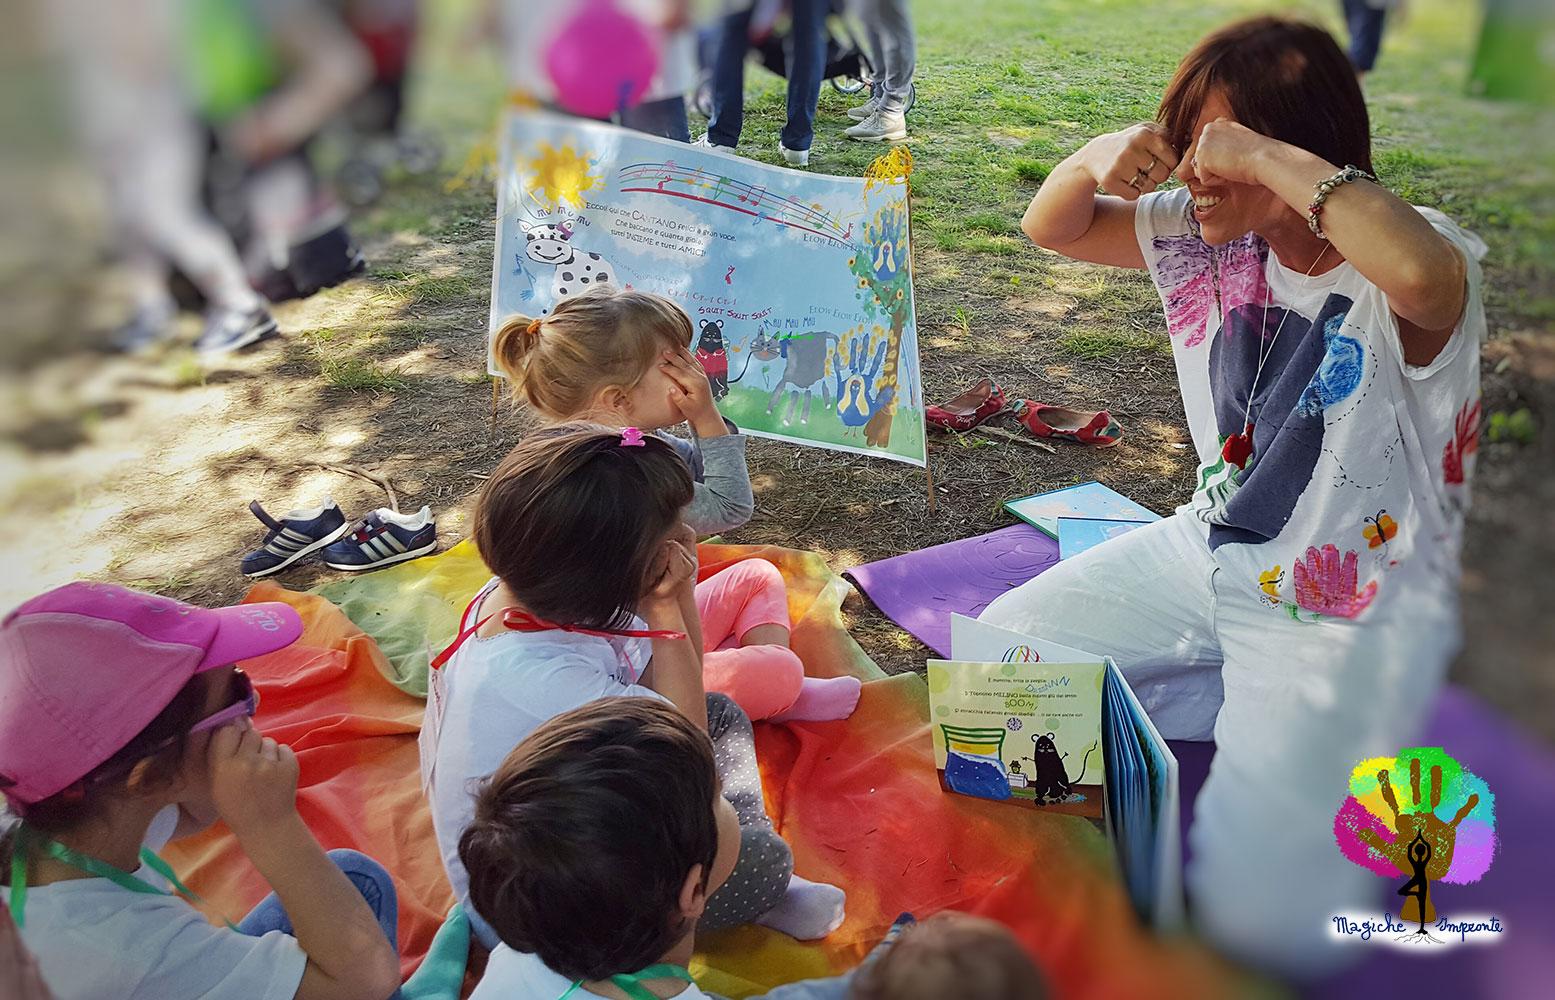 Le Fiabe dei miei Libri con le Impronte utili nello Yoga Educativo per Bambini.Trasmettono aspetti morali da abbinare ad Asana e Mudra con tanta creatività.